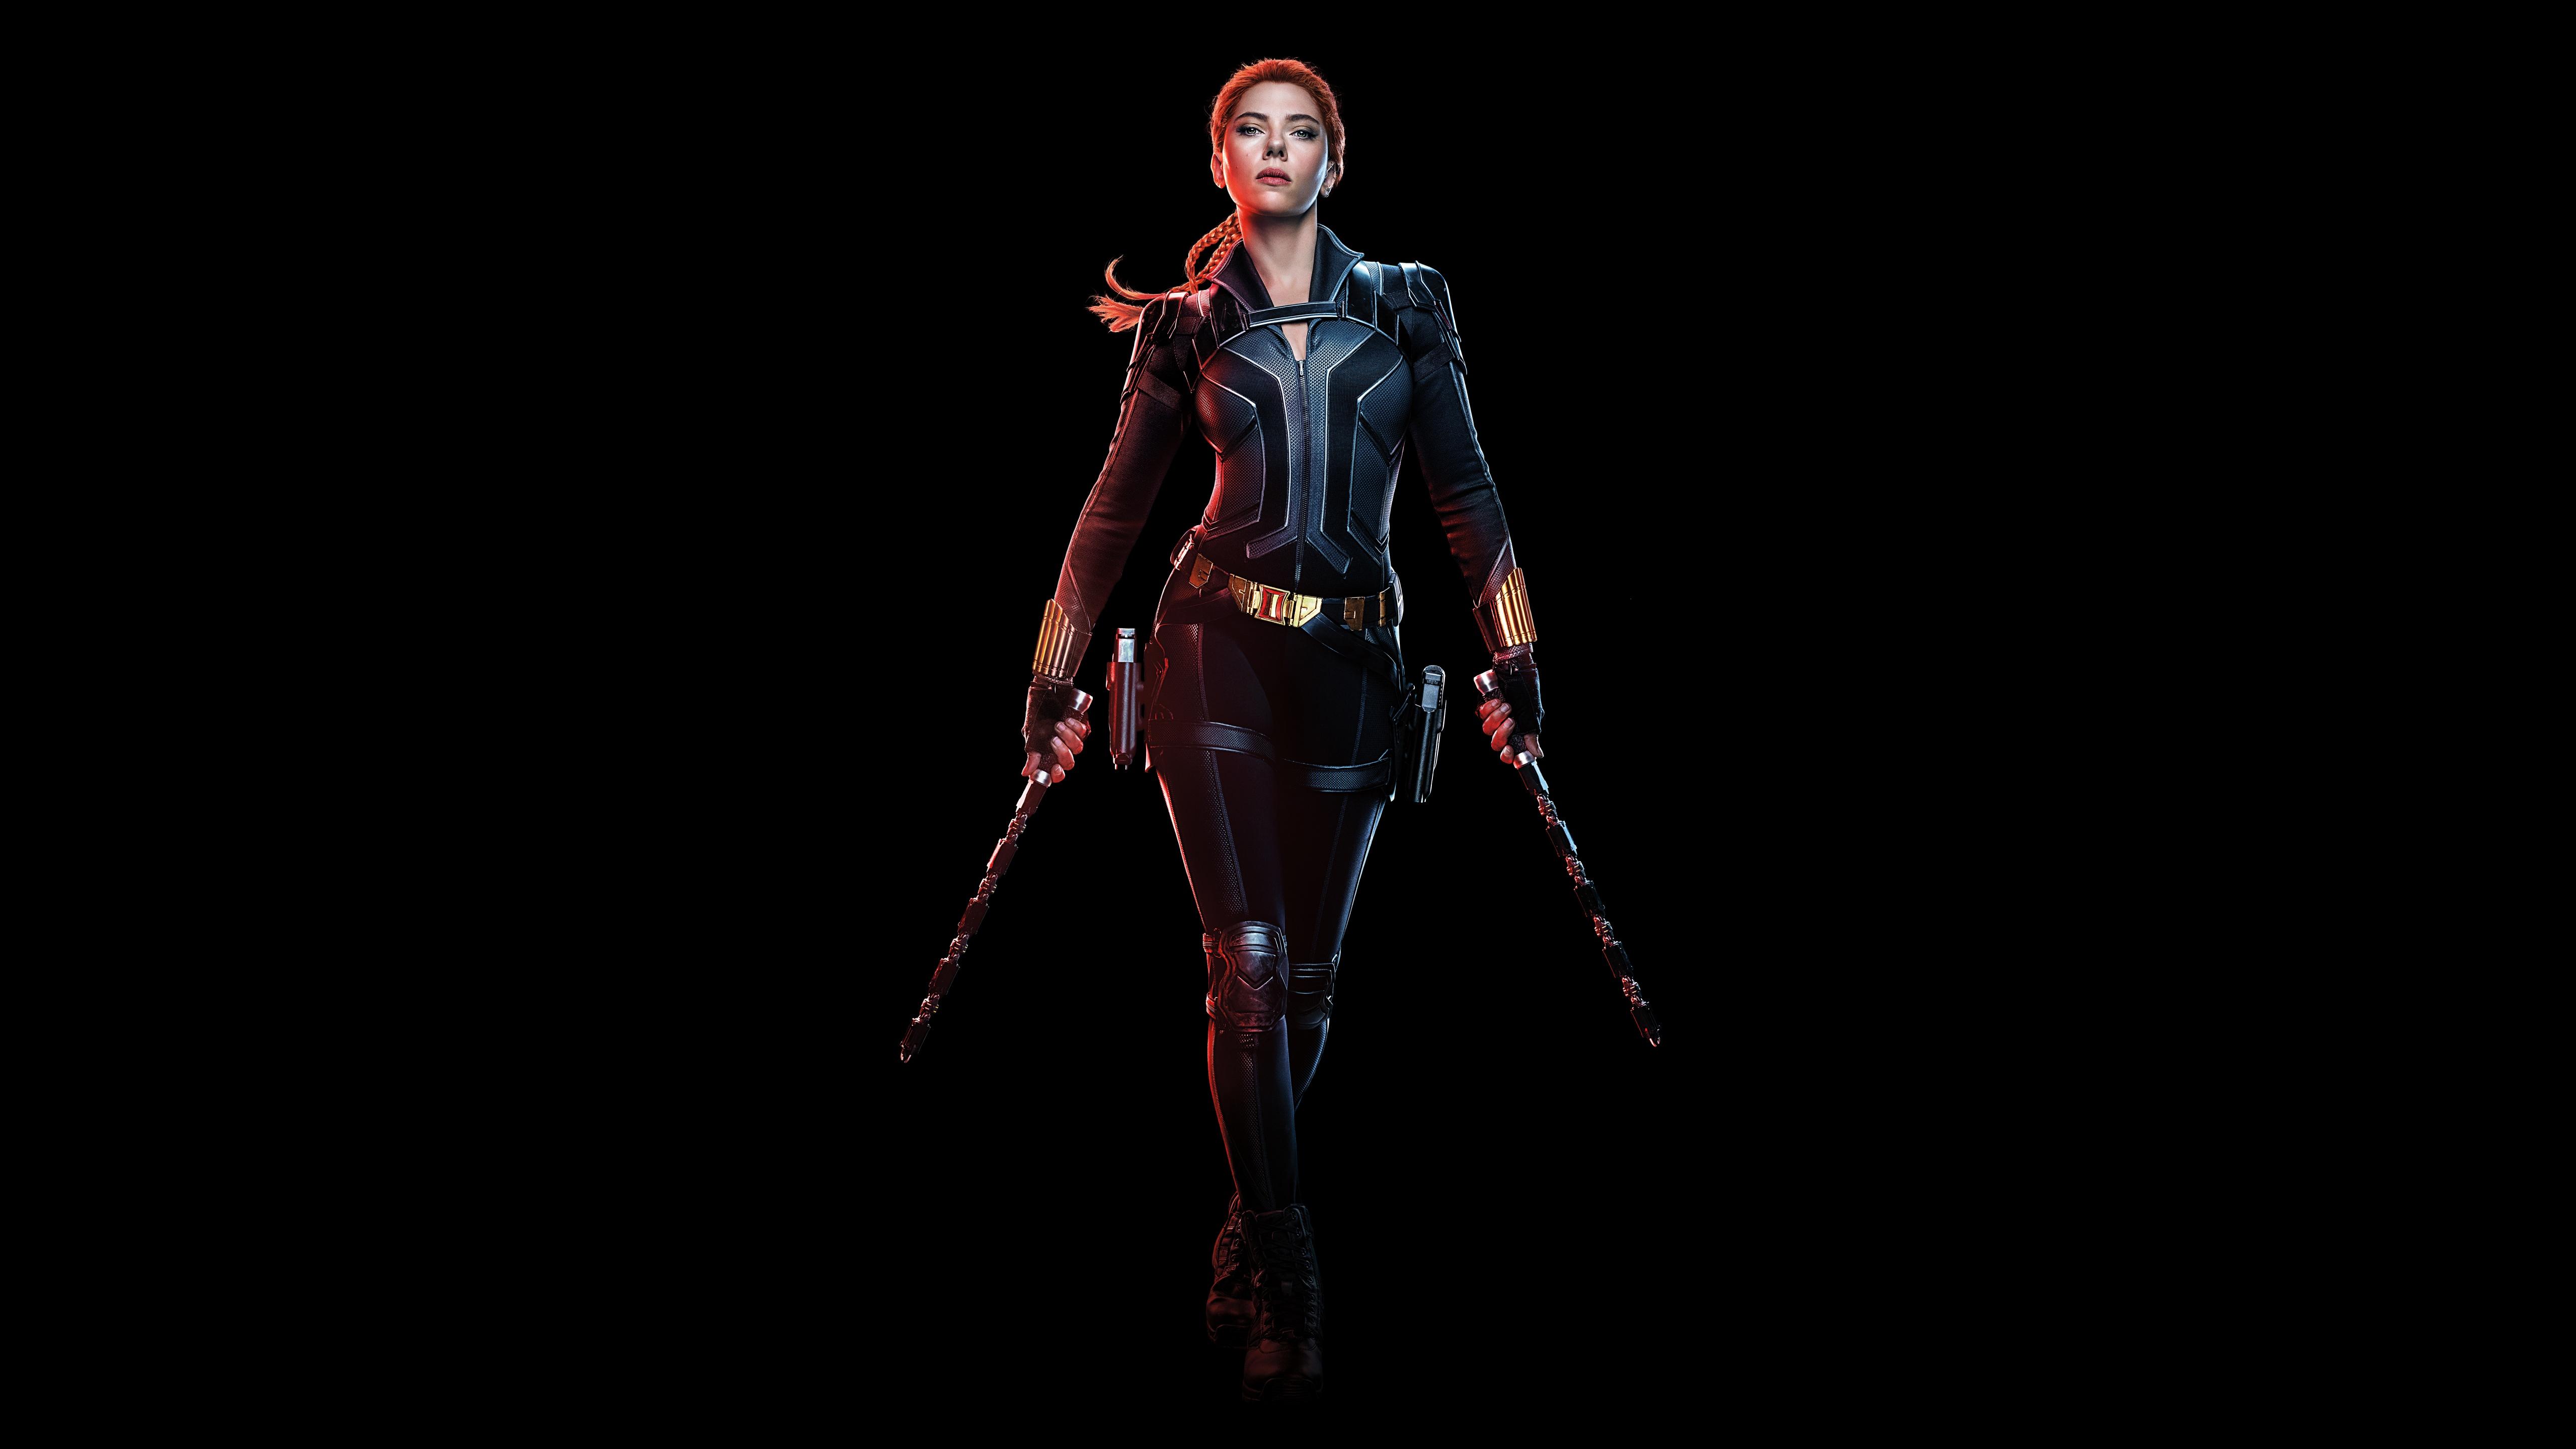 Black Widow 4k Wallpaper Scarlett Johansson Black Background 2020 Movies 5k 8k Black Dark 433